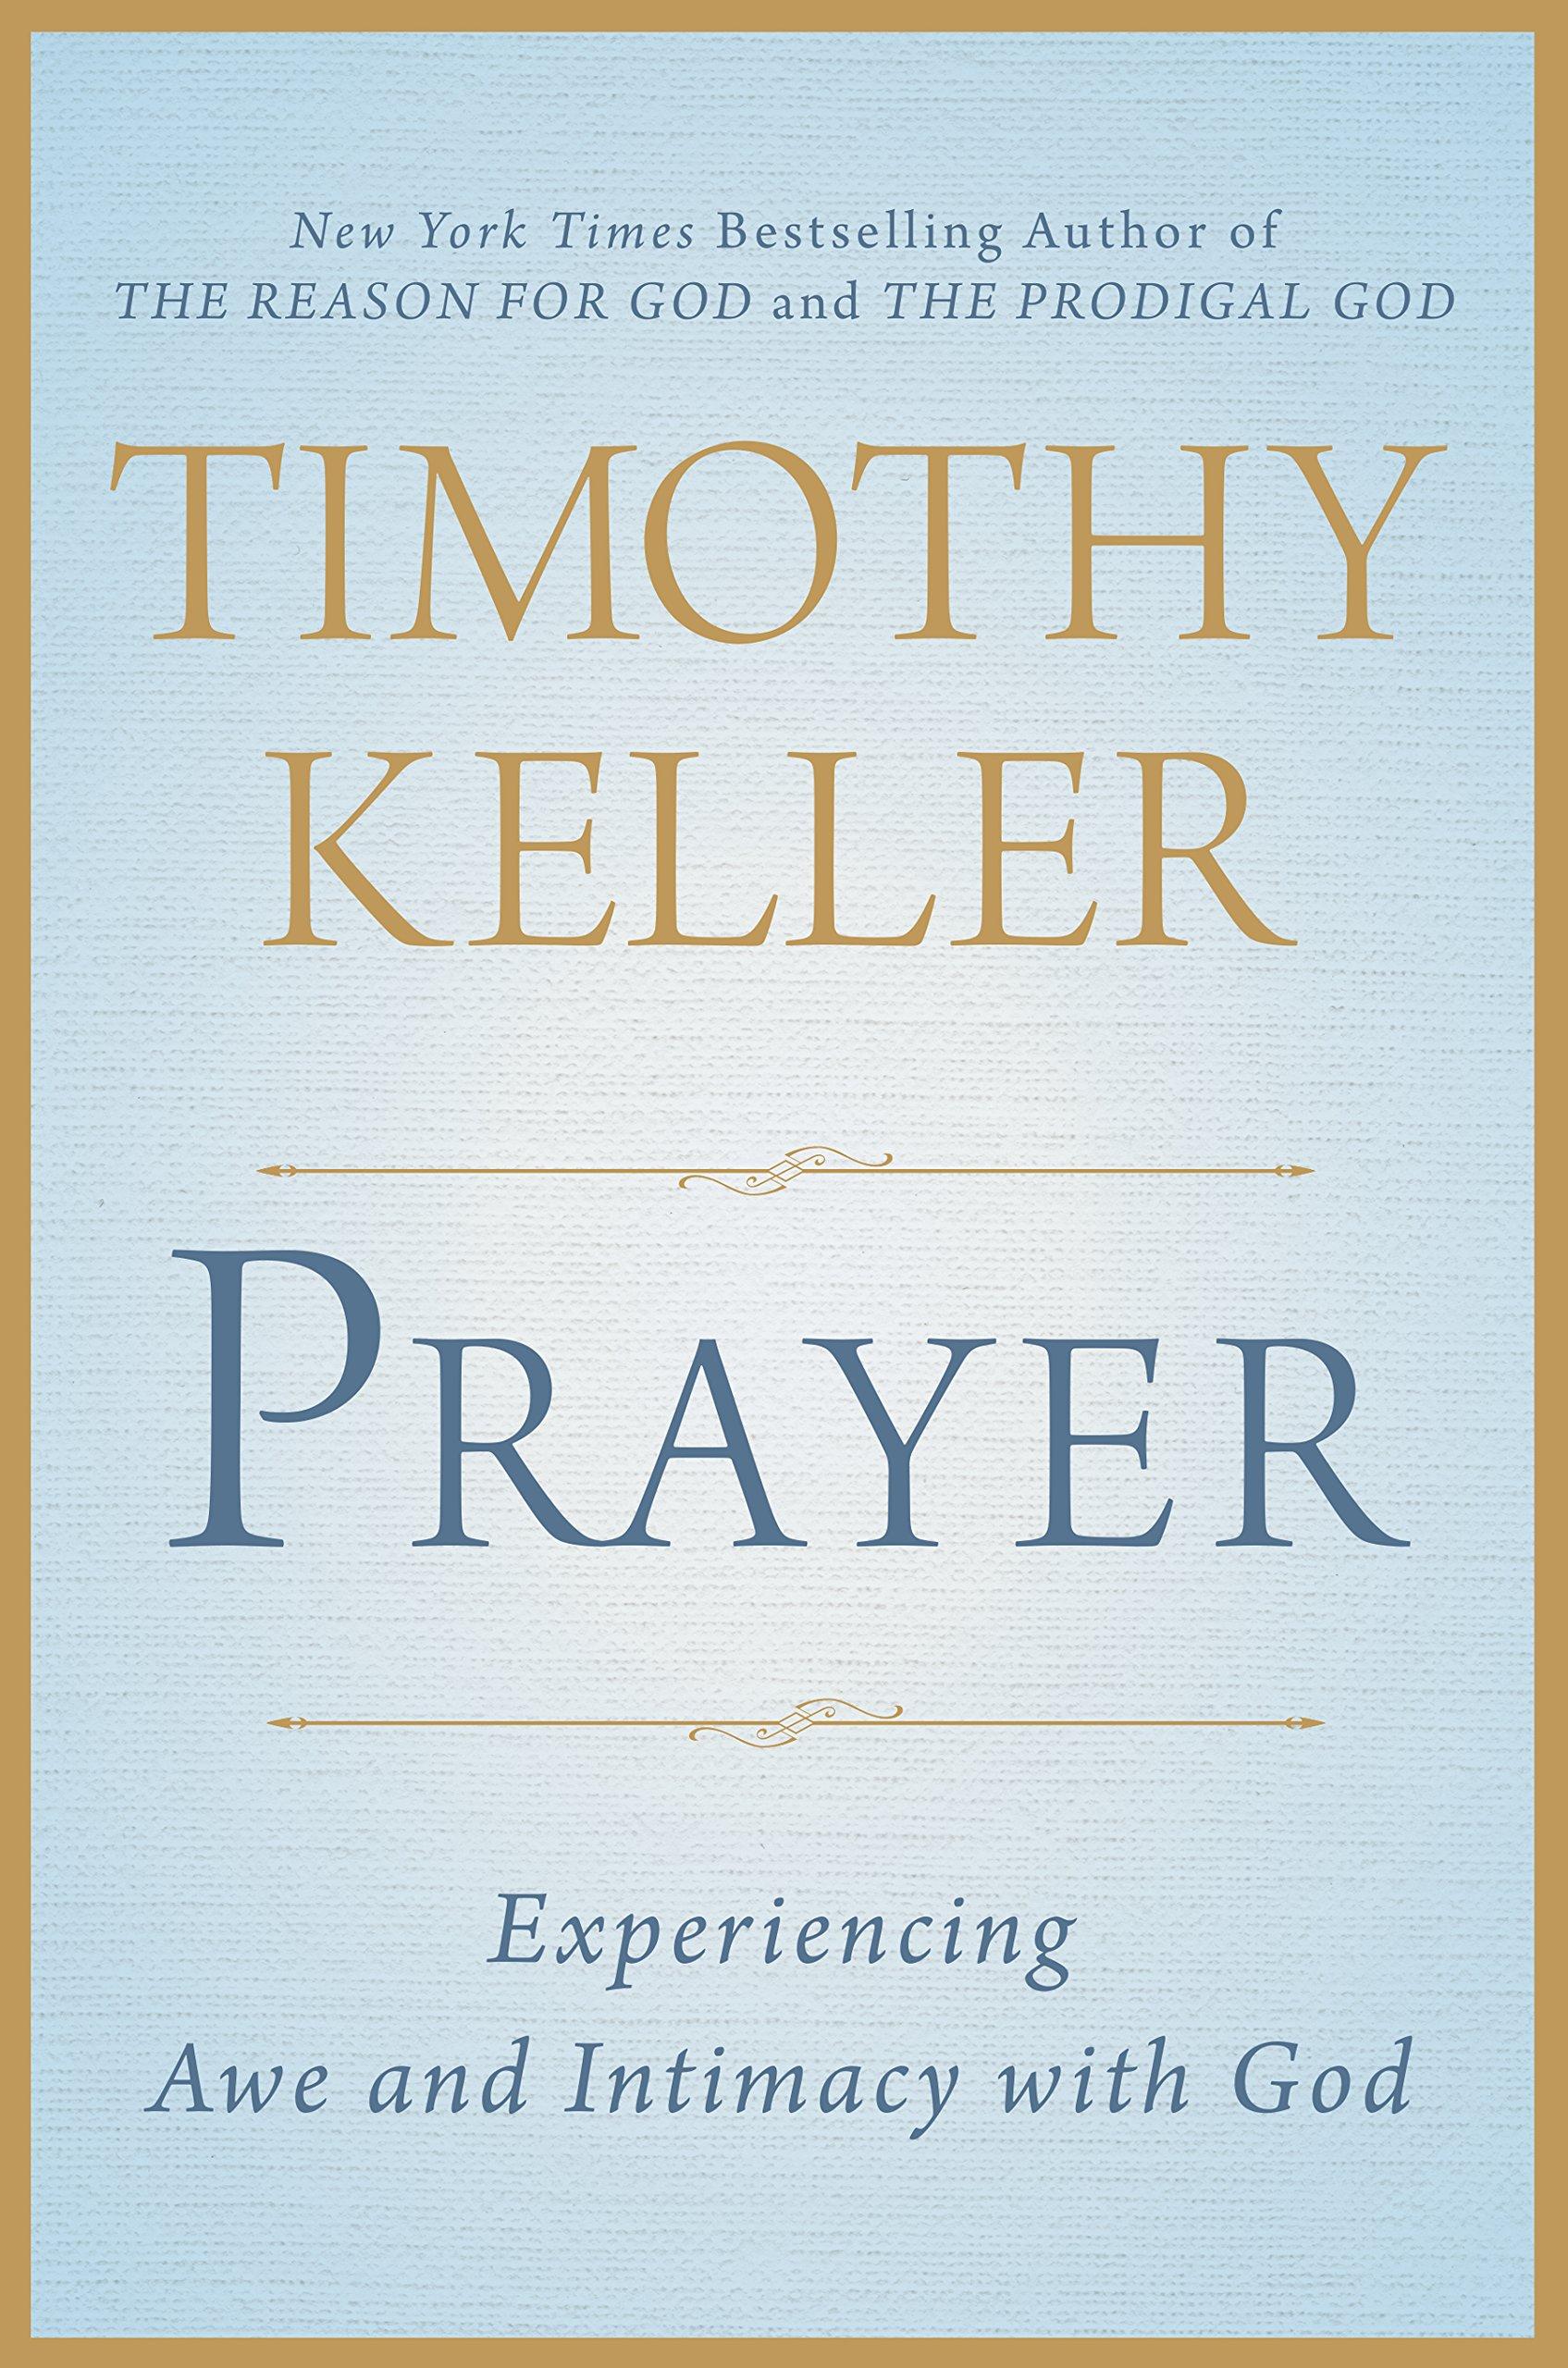 TIM KELLER PRAYER.jpg